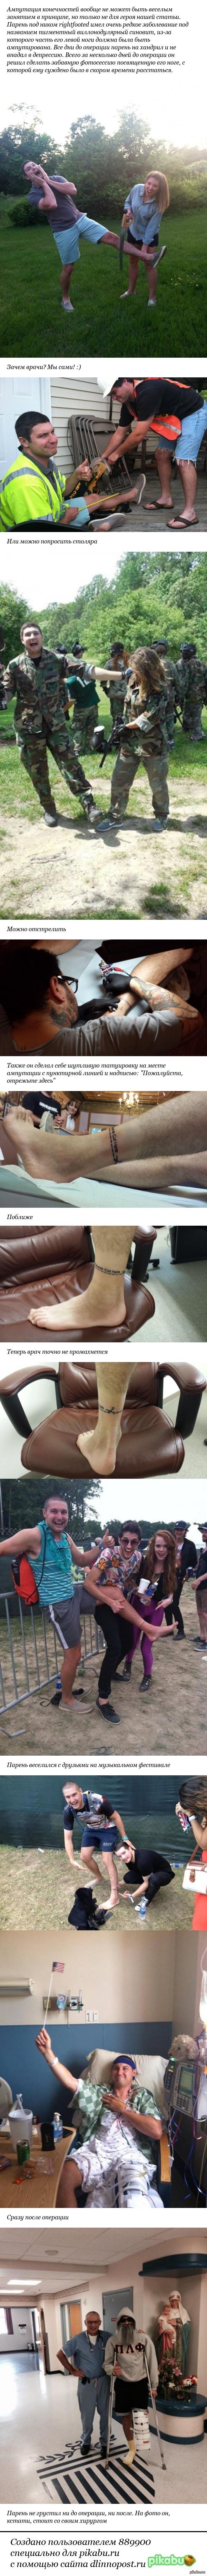 Забавная фотосессия посвященная...ноге   ампутация ноги, нога, ампутация, фотосессия, длиннопост